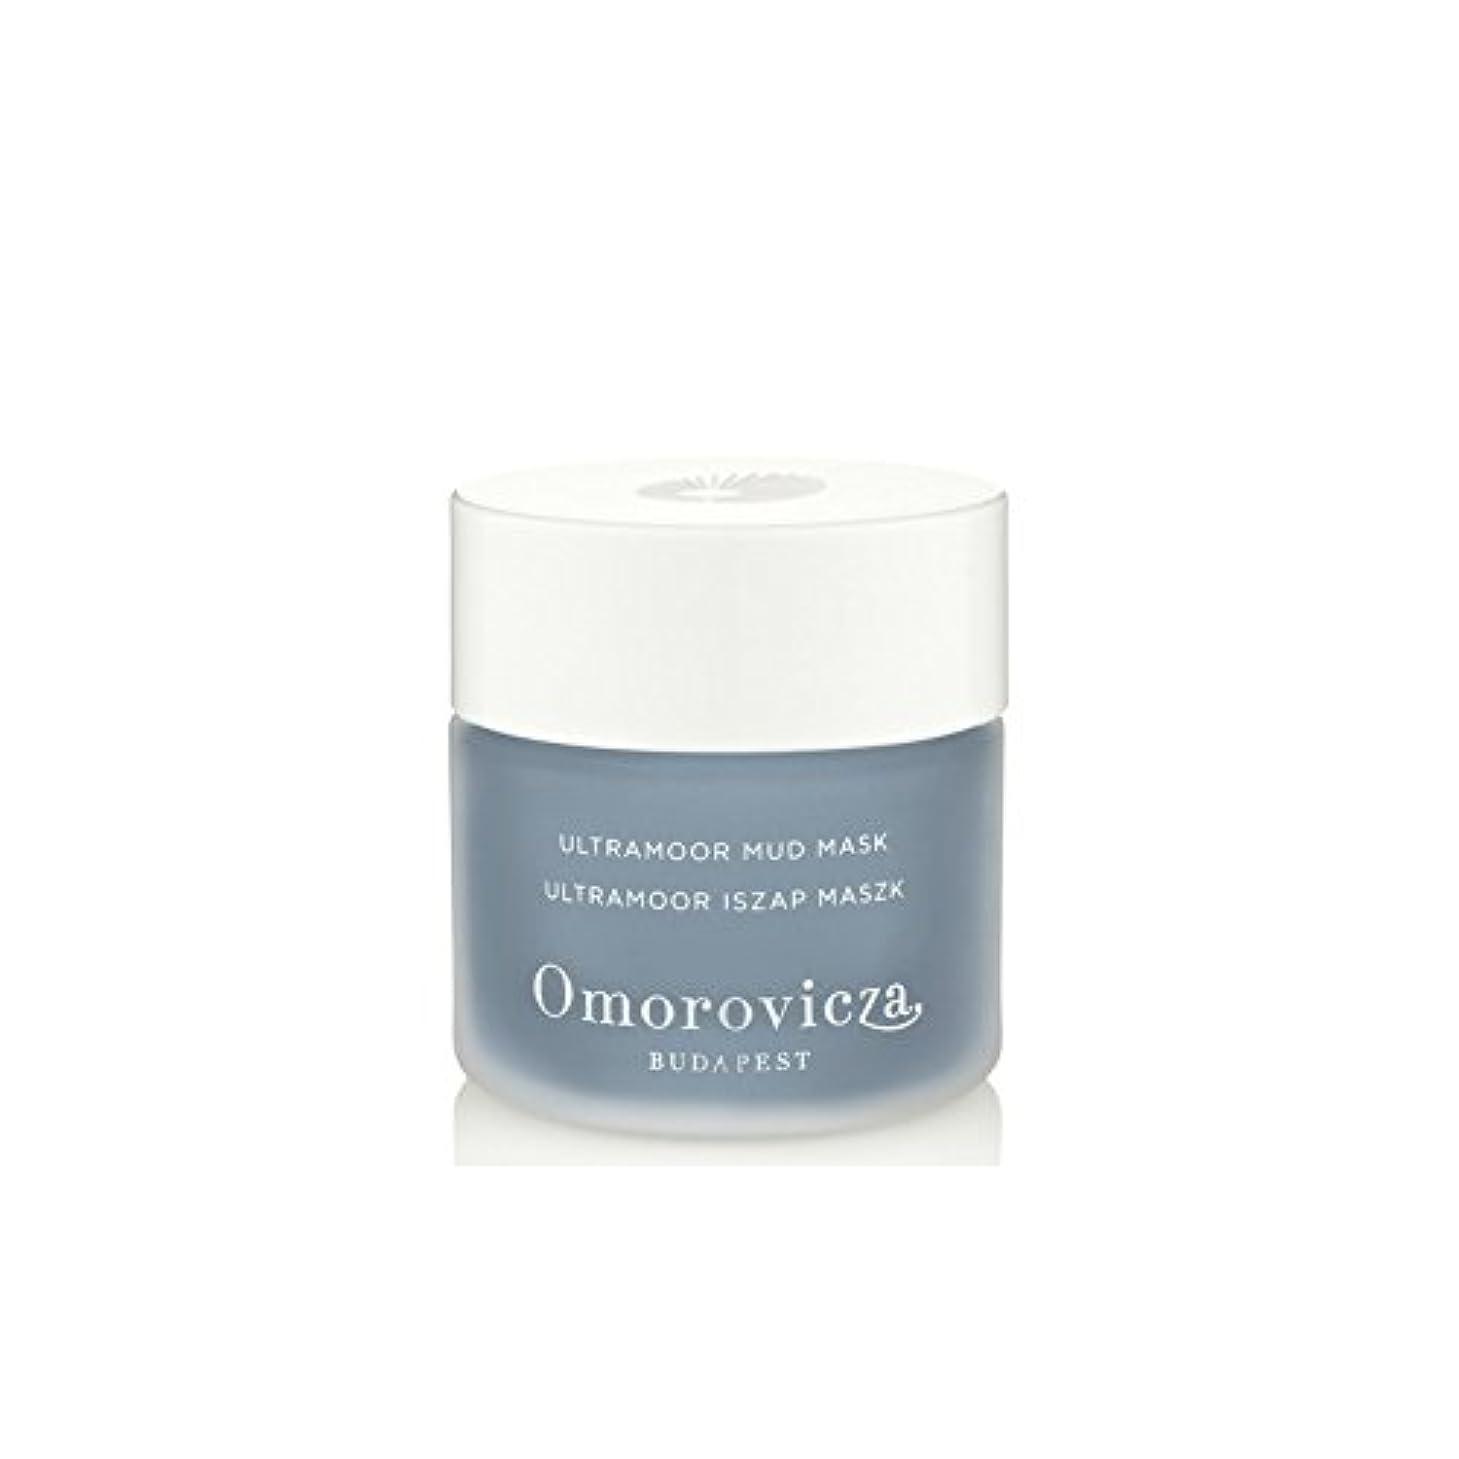 頭痛抗生物質黒Omorovicza Ultramoor Mud Mask (50ml) (Pack of 6) - 泥マスク(50ミリリットル) x6 [並行輸入品]